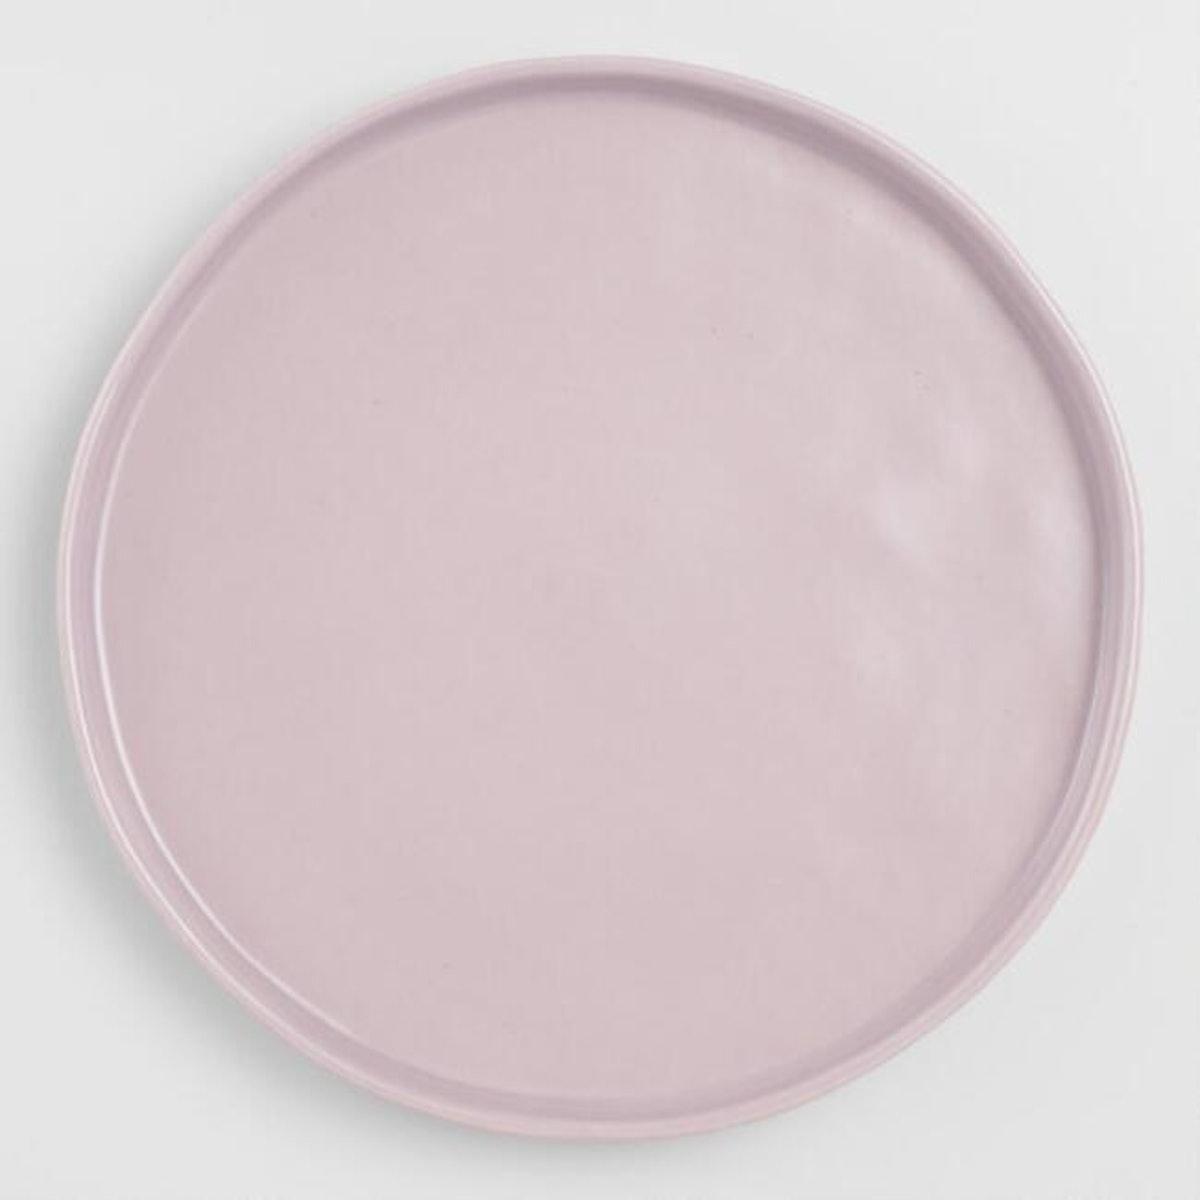 Lavender Organic Rimmed Salad Plated (Set of 6)